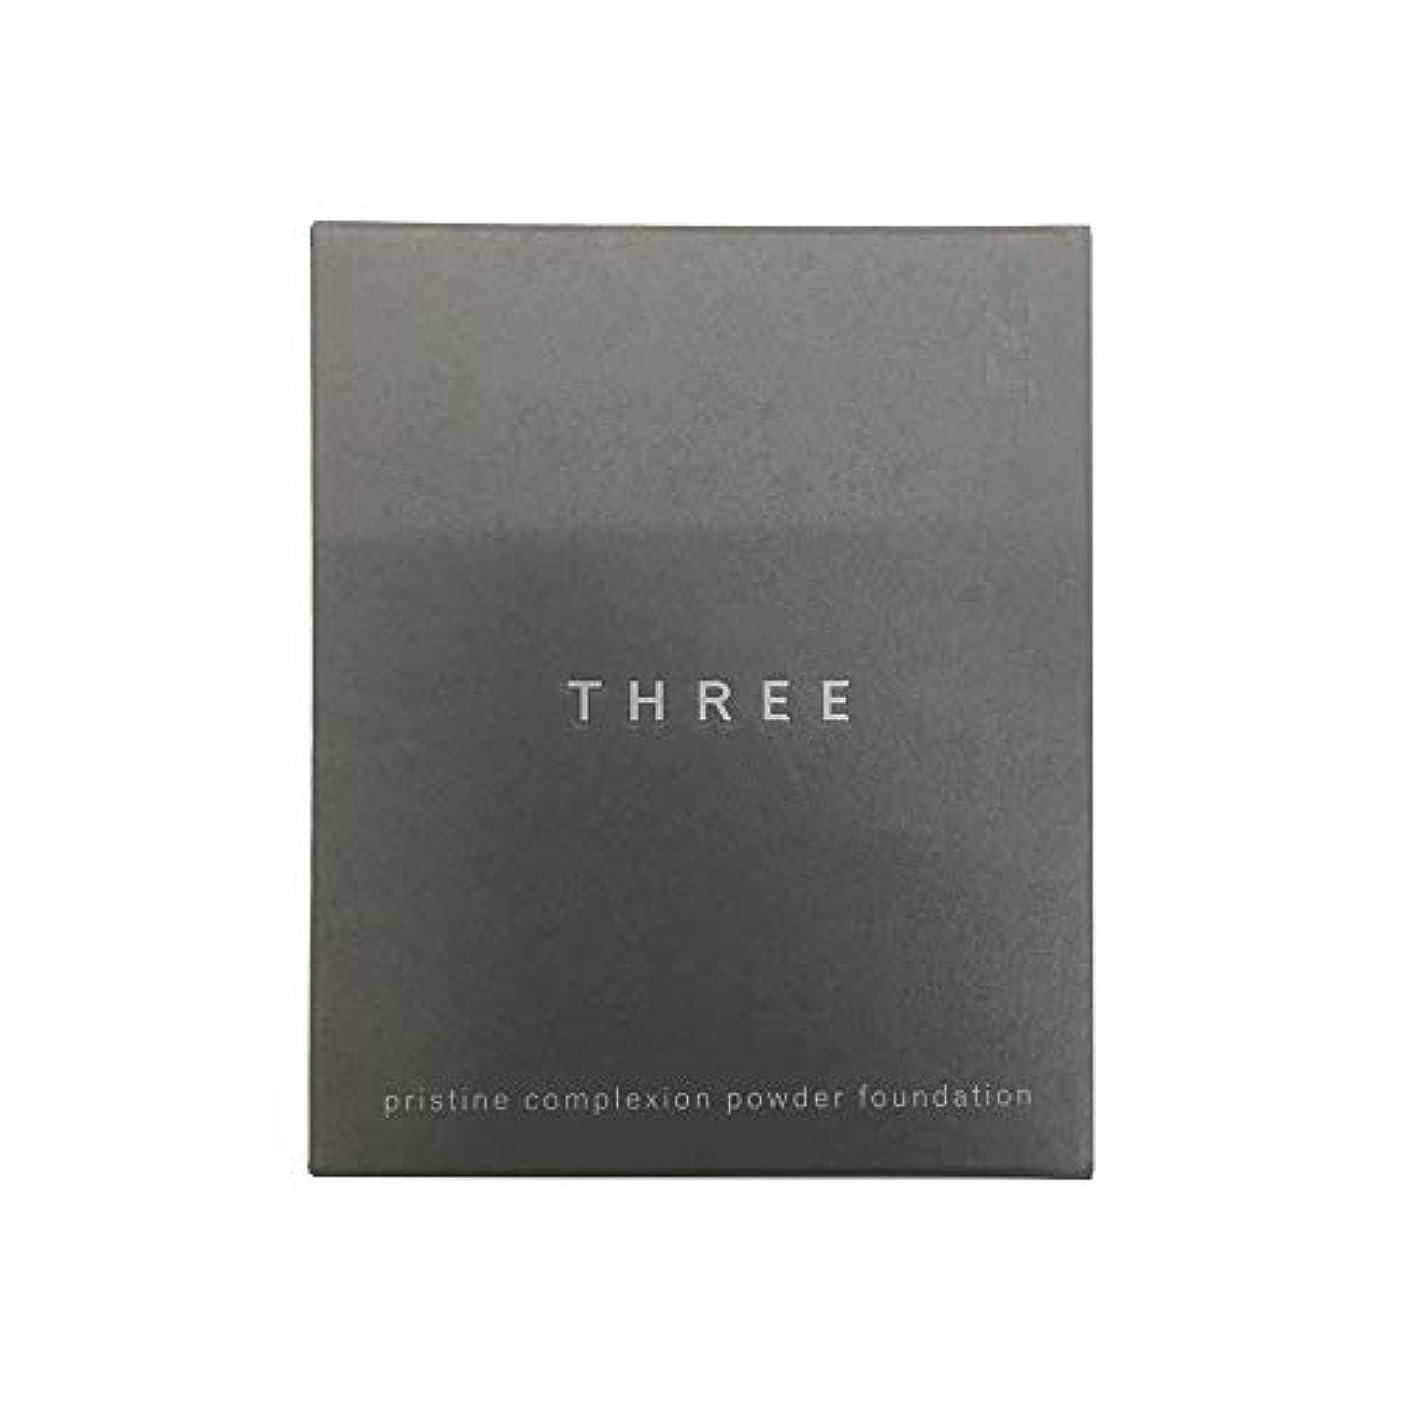 シャット可能にする鹿THREE(スリー) プリスティーンコンプレクションパウダーファンデーション #203(リフィル) [ パウダーファンデーション ] [並行輸入品]